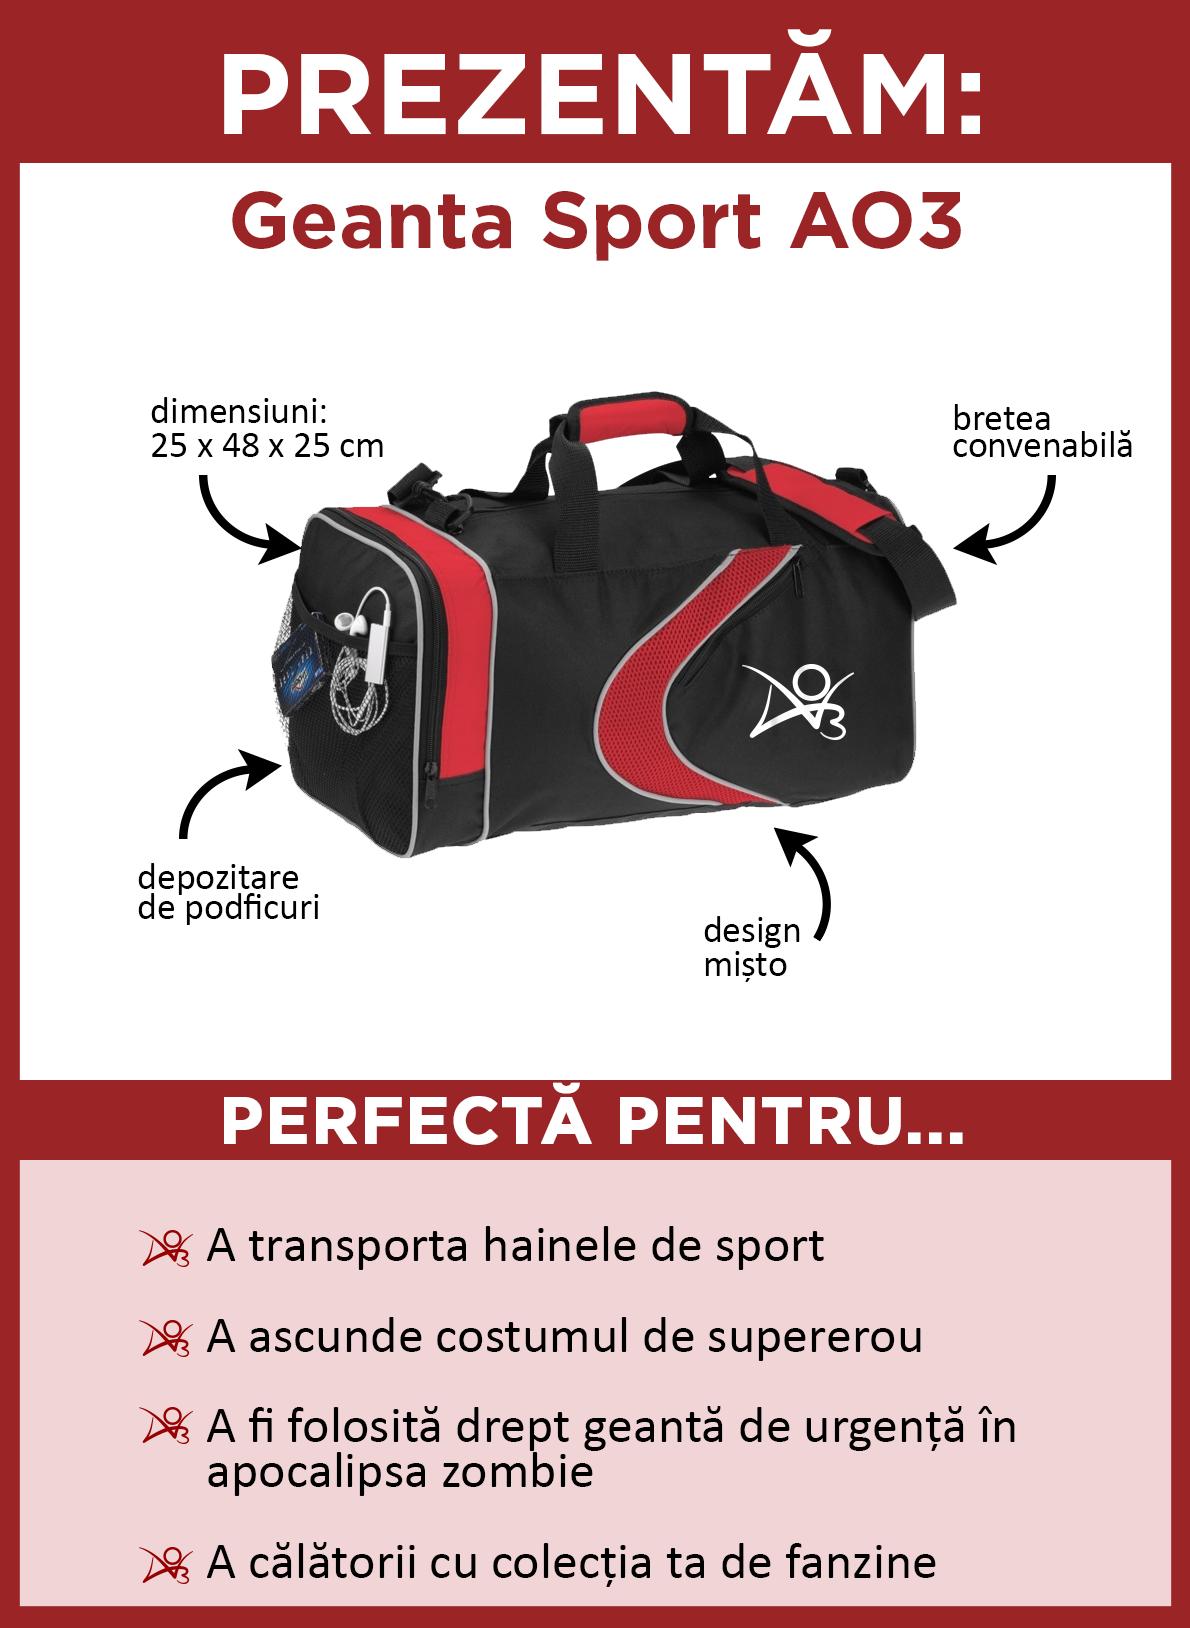 Prezentăm geanta sport AO3. Aceasta geantă este neagră cu accente roșii, un design mișto și logo-ul AO3 scris cu alb în lateral. Măsoară 25 x 48 x 25 centimetri. Are o curea convenabilă pentru a fi purtată peste umăr și un buzunar lateral din plasă, ideal pentru depozitare de podfic-uri. Este perfectă pentru a transporta hainele de sport, a scunde costumul de supererou, a fi folosită ca geantă de urgență în apocalipsa zombie, sau ca să călătorești cu colecția ta de fanzine.